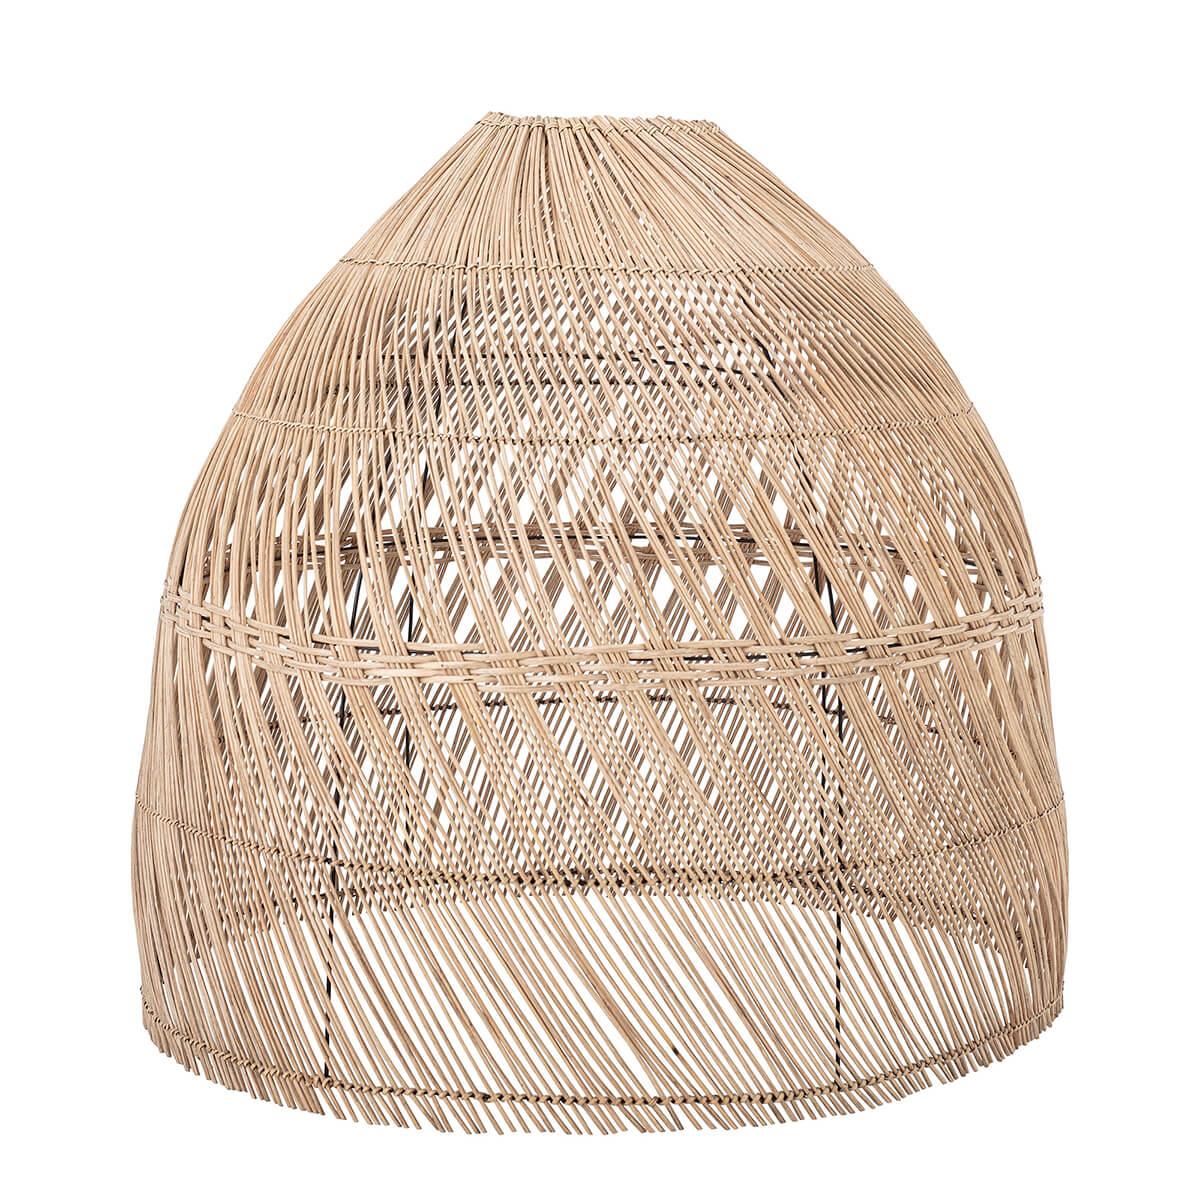 Rattan lámpabúra természetes skandináv design